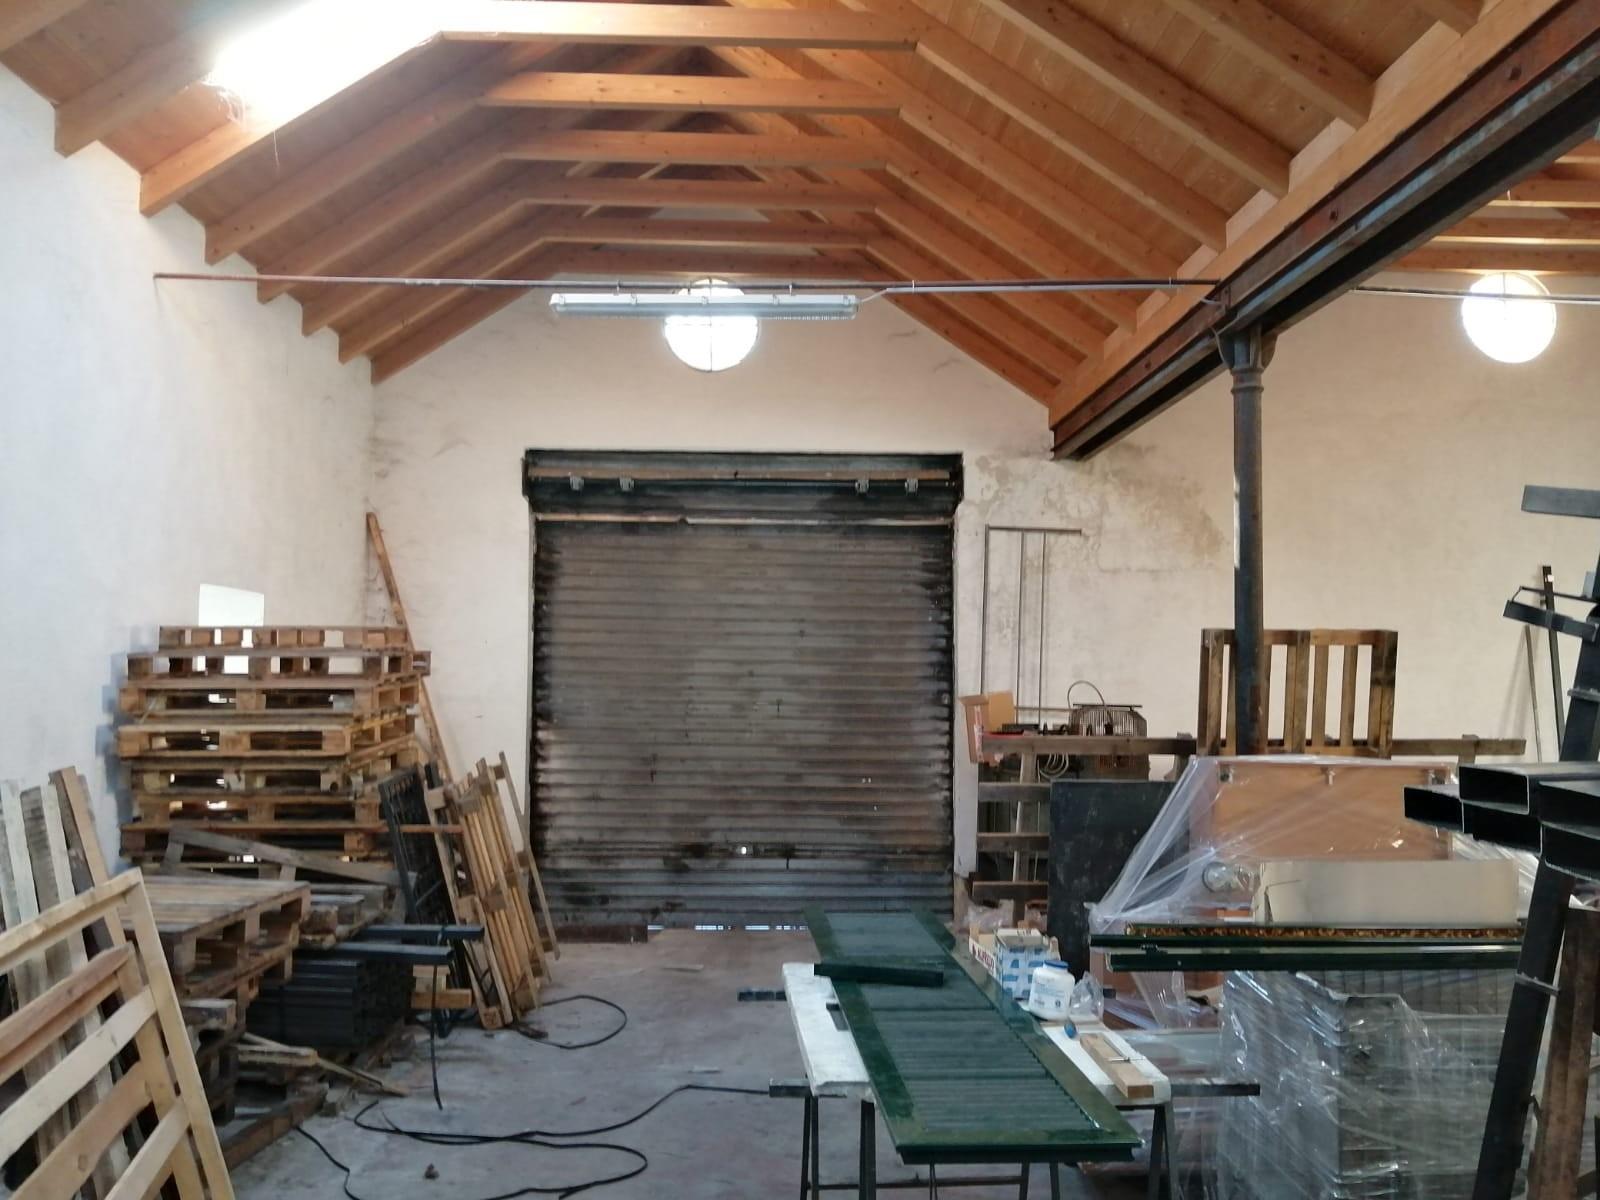 Foto 10 - Laboratorio in Vendita - Seveso (Monza e Brianza)